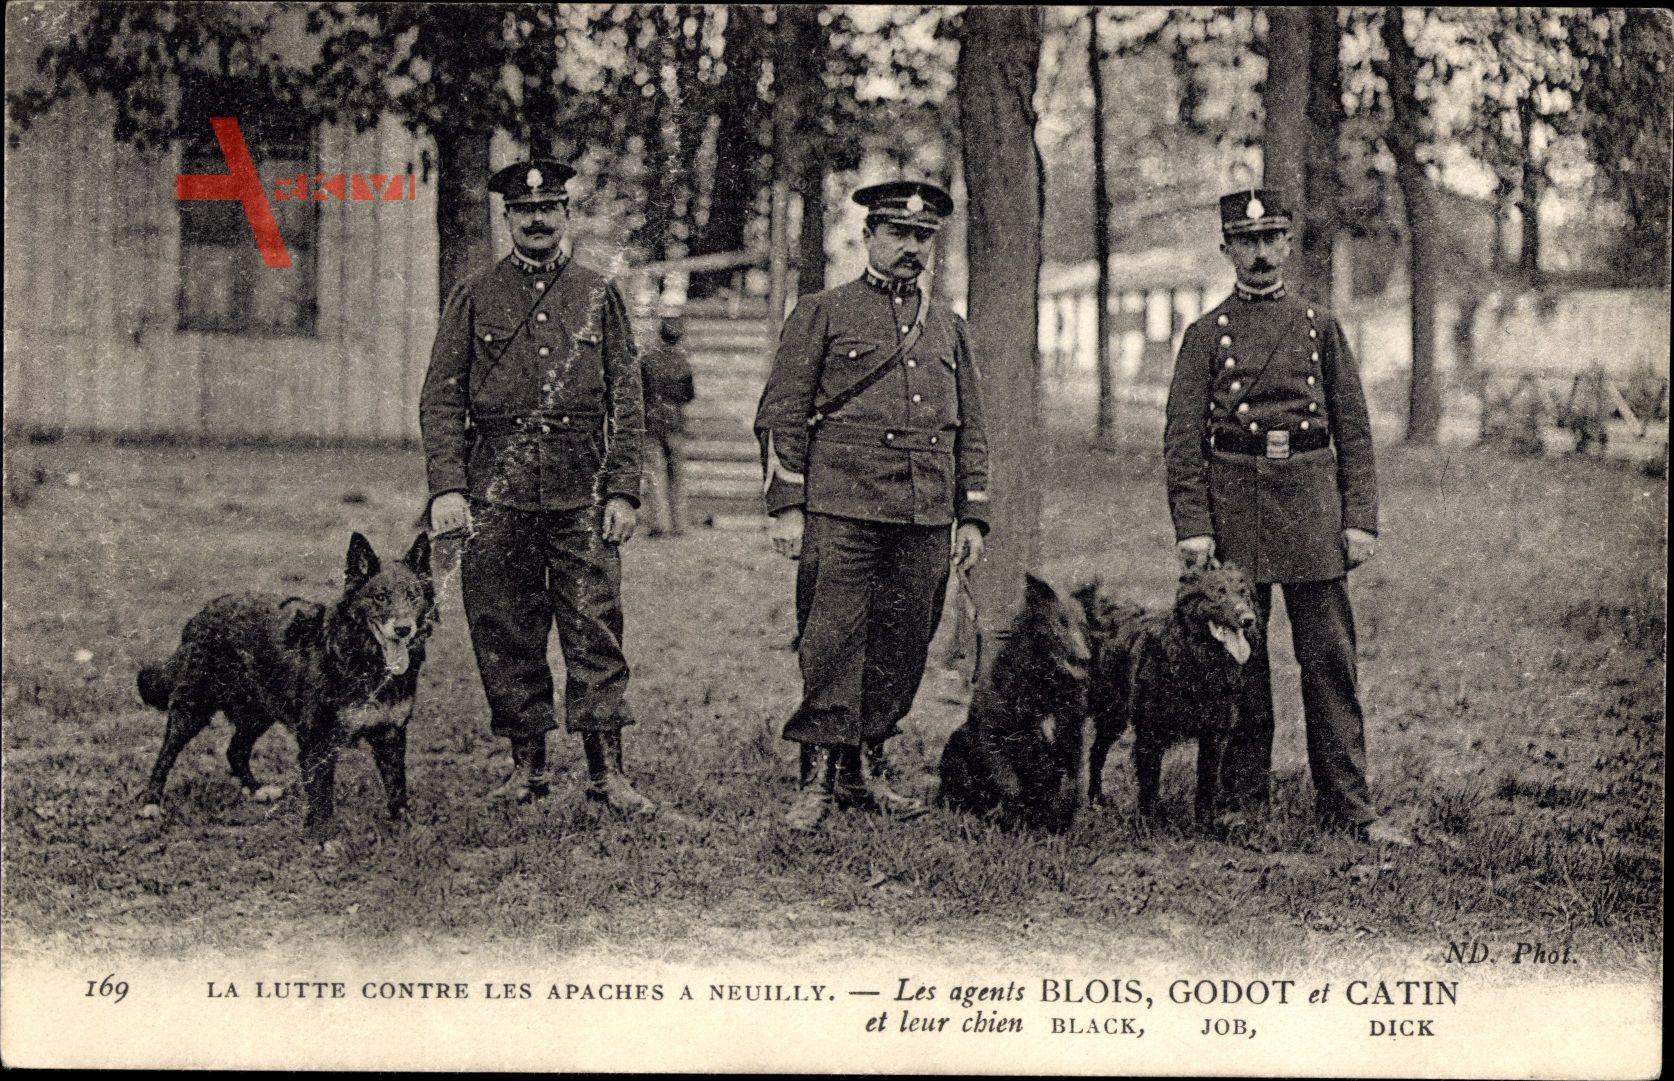 La Lutte contre les Apaches à Neuilly, Agents Blois, Godot, Catin